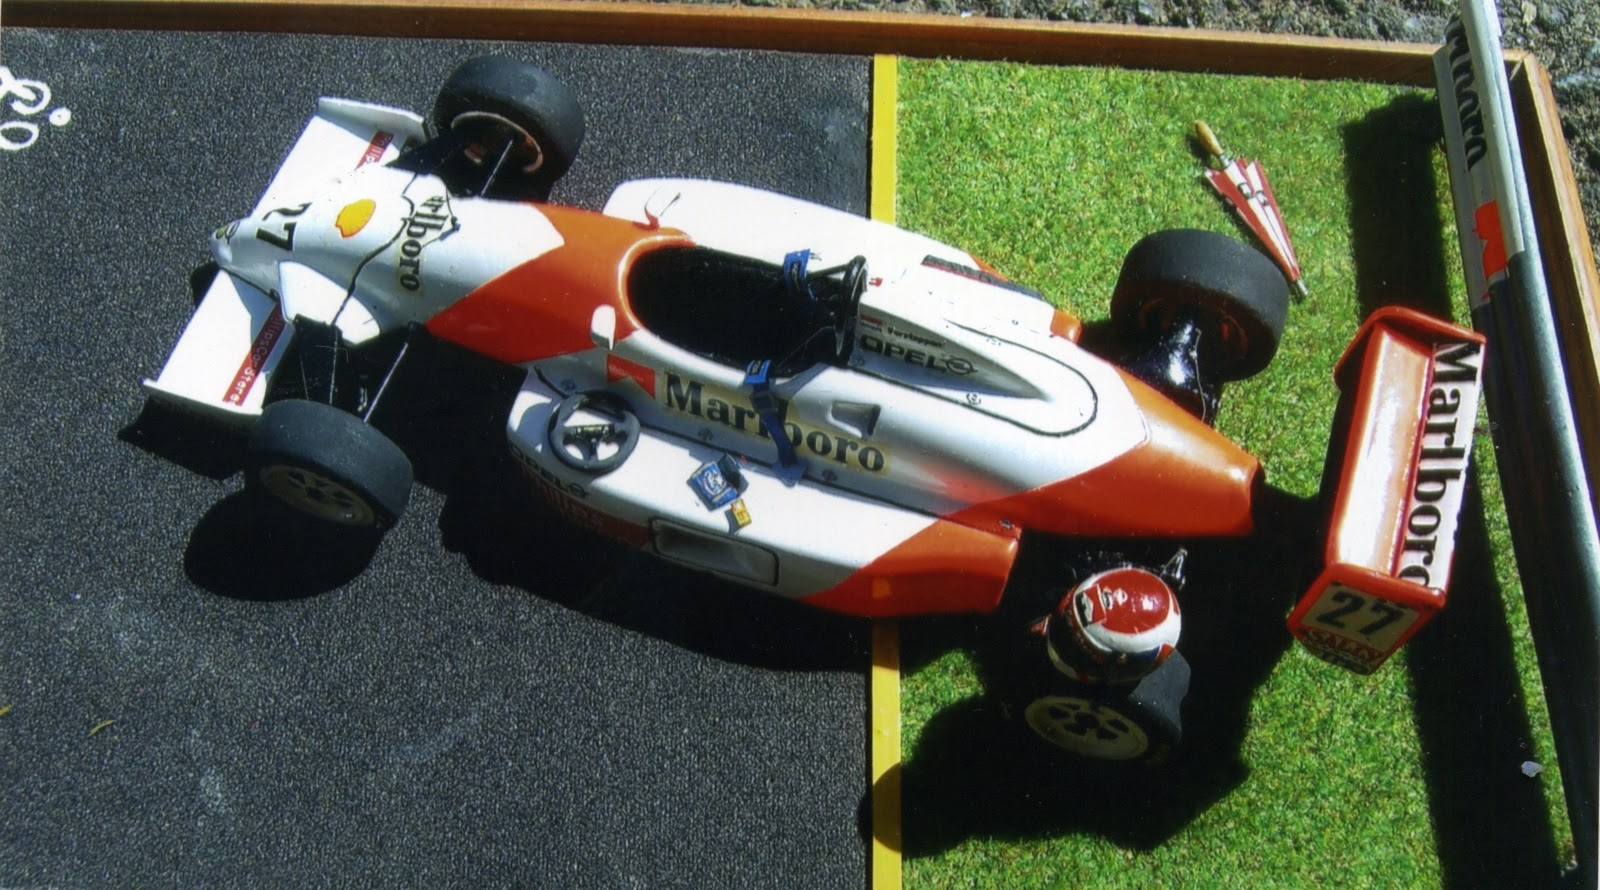 Autos: Formula 3 models